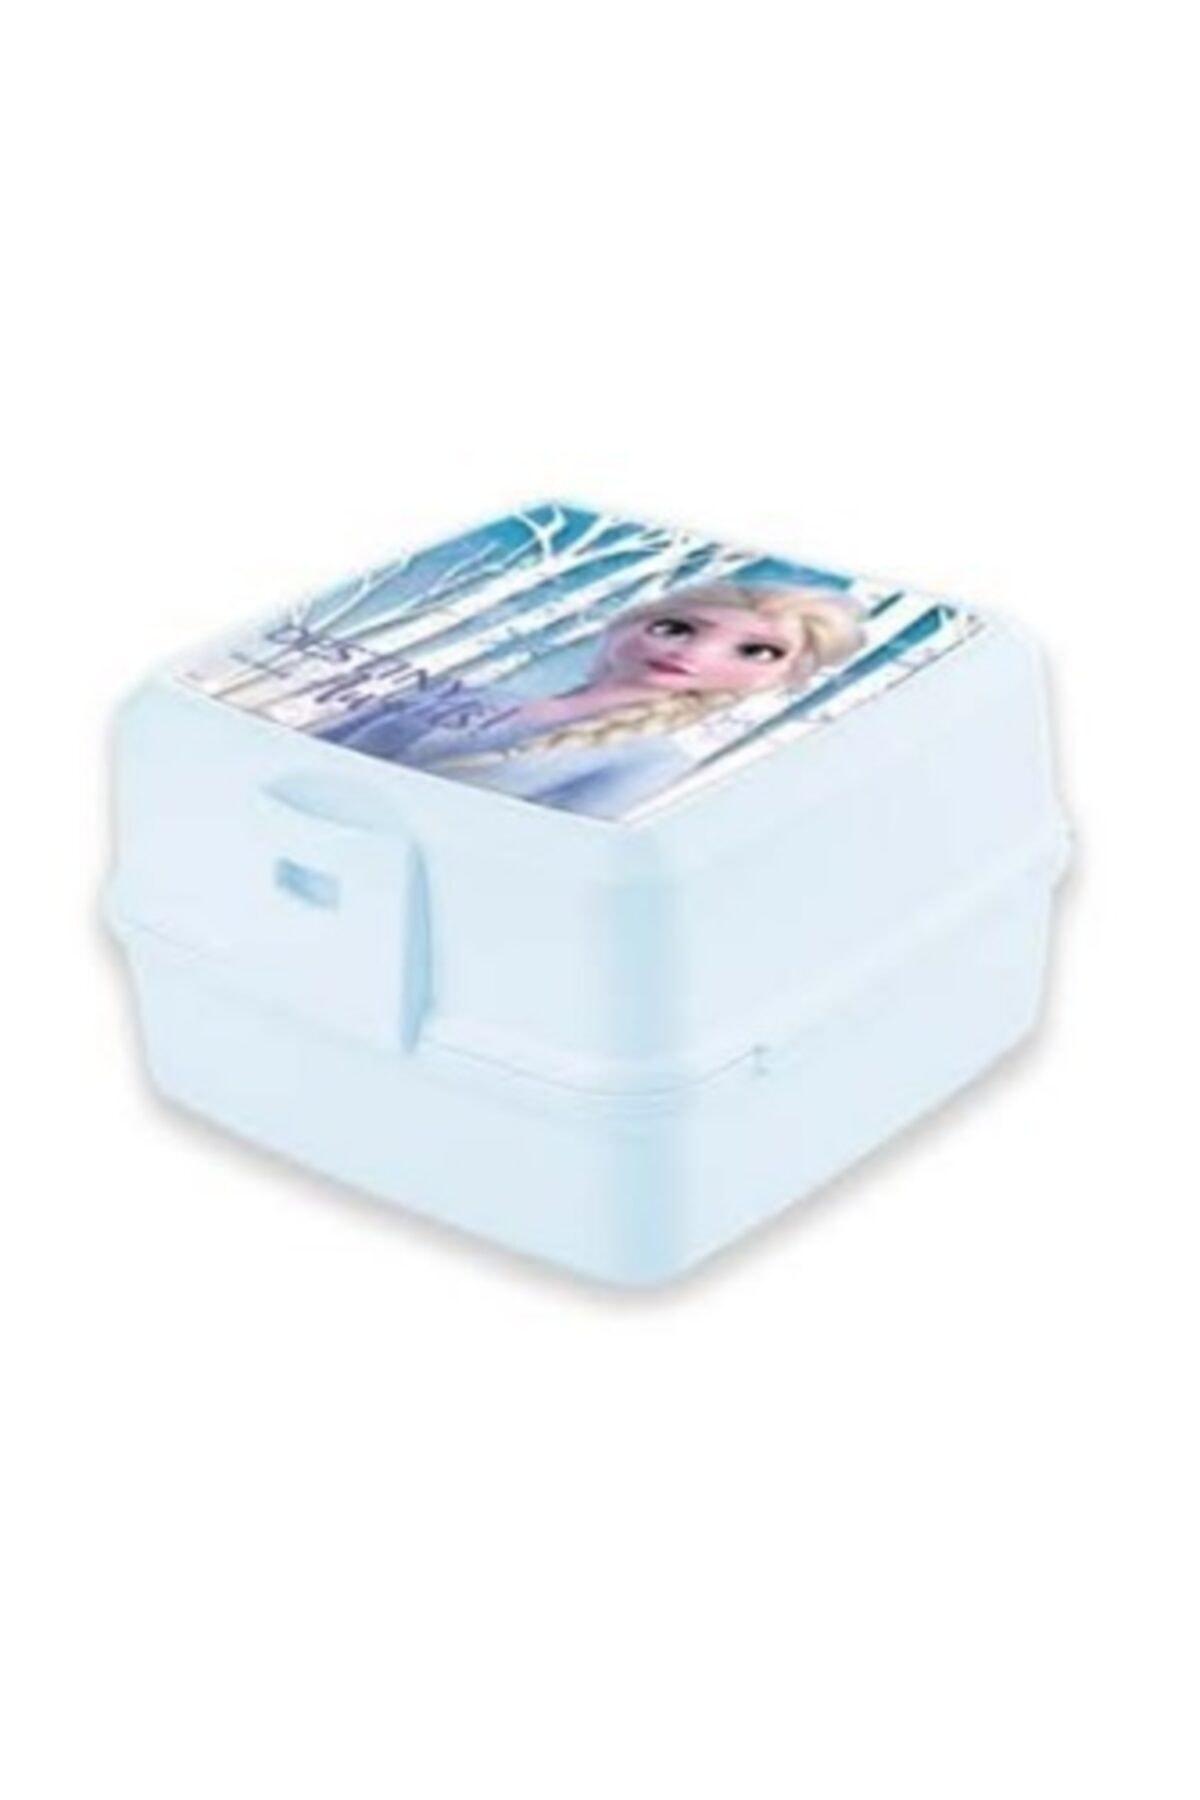 Rengaren Kırtasiye Frozen Beslenme Kabı Model 43601 1